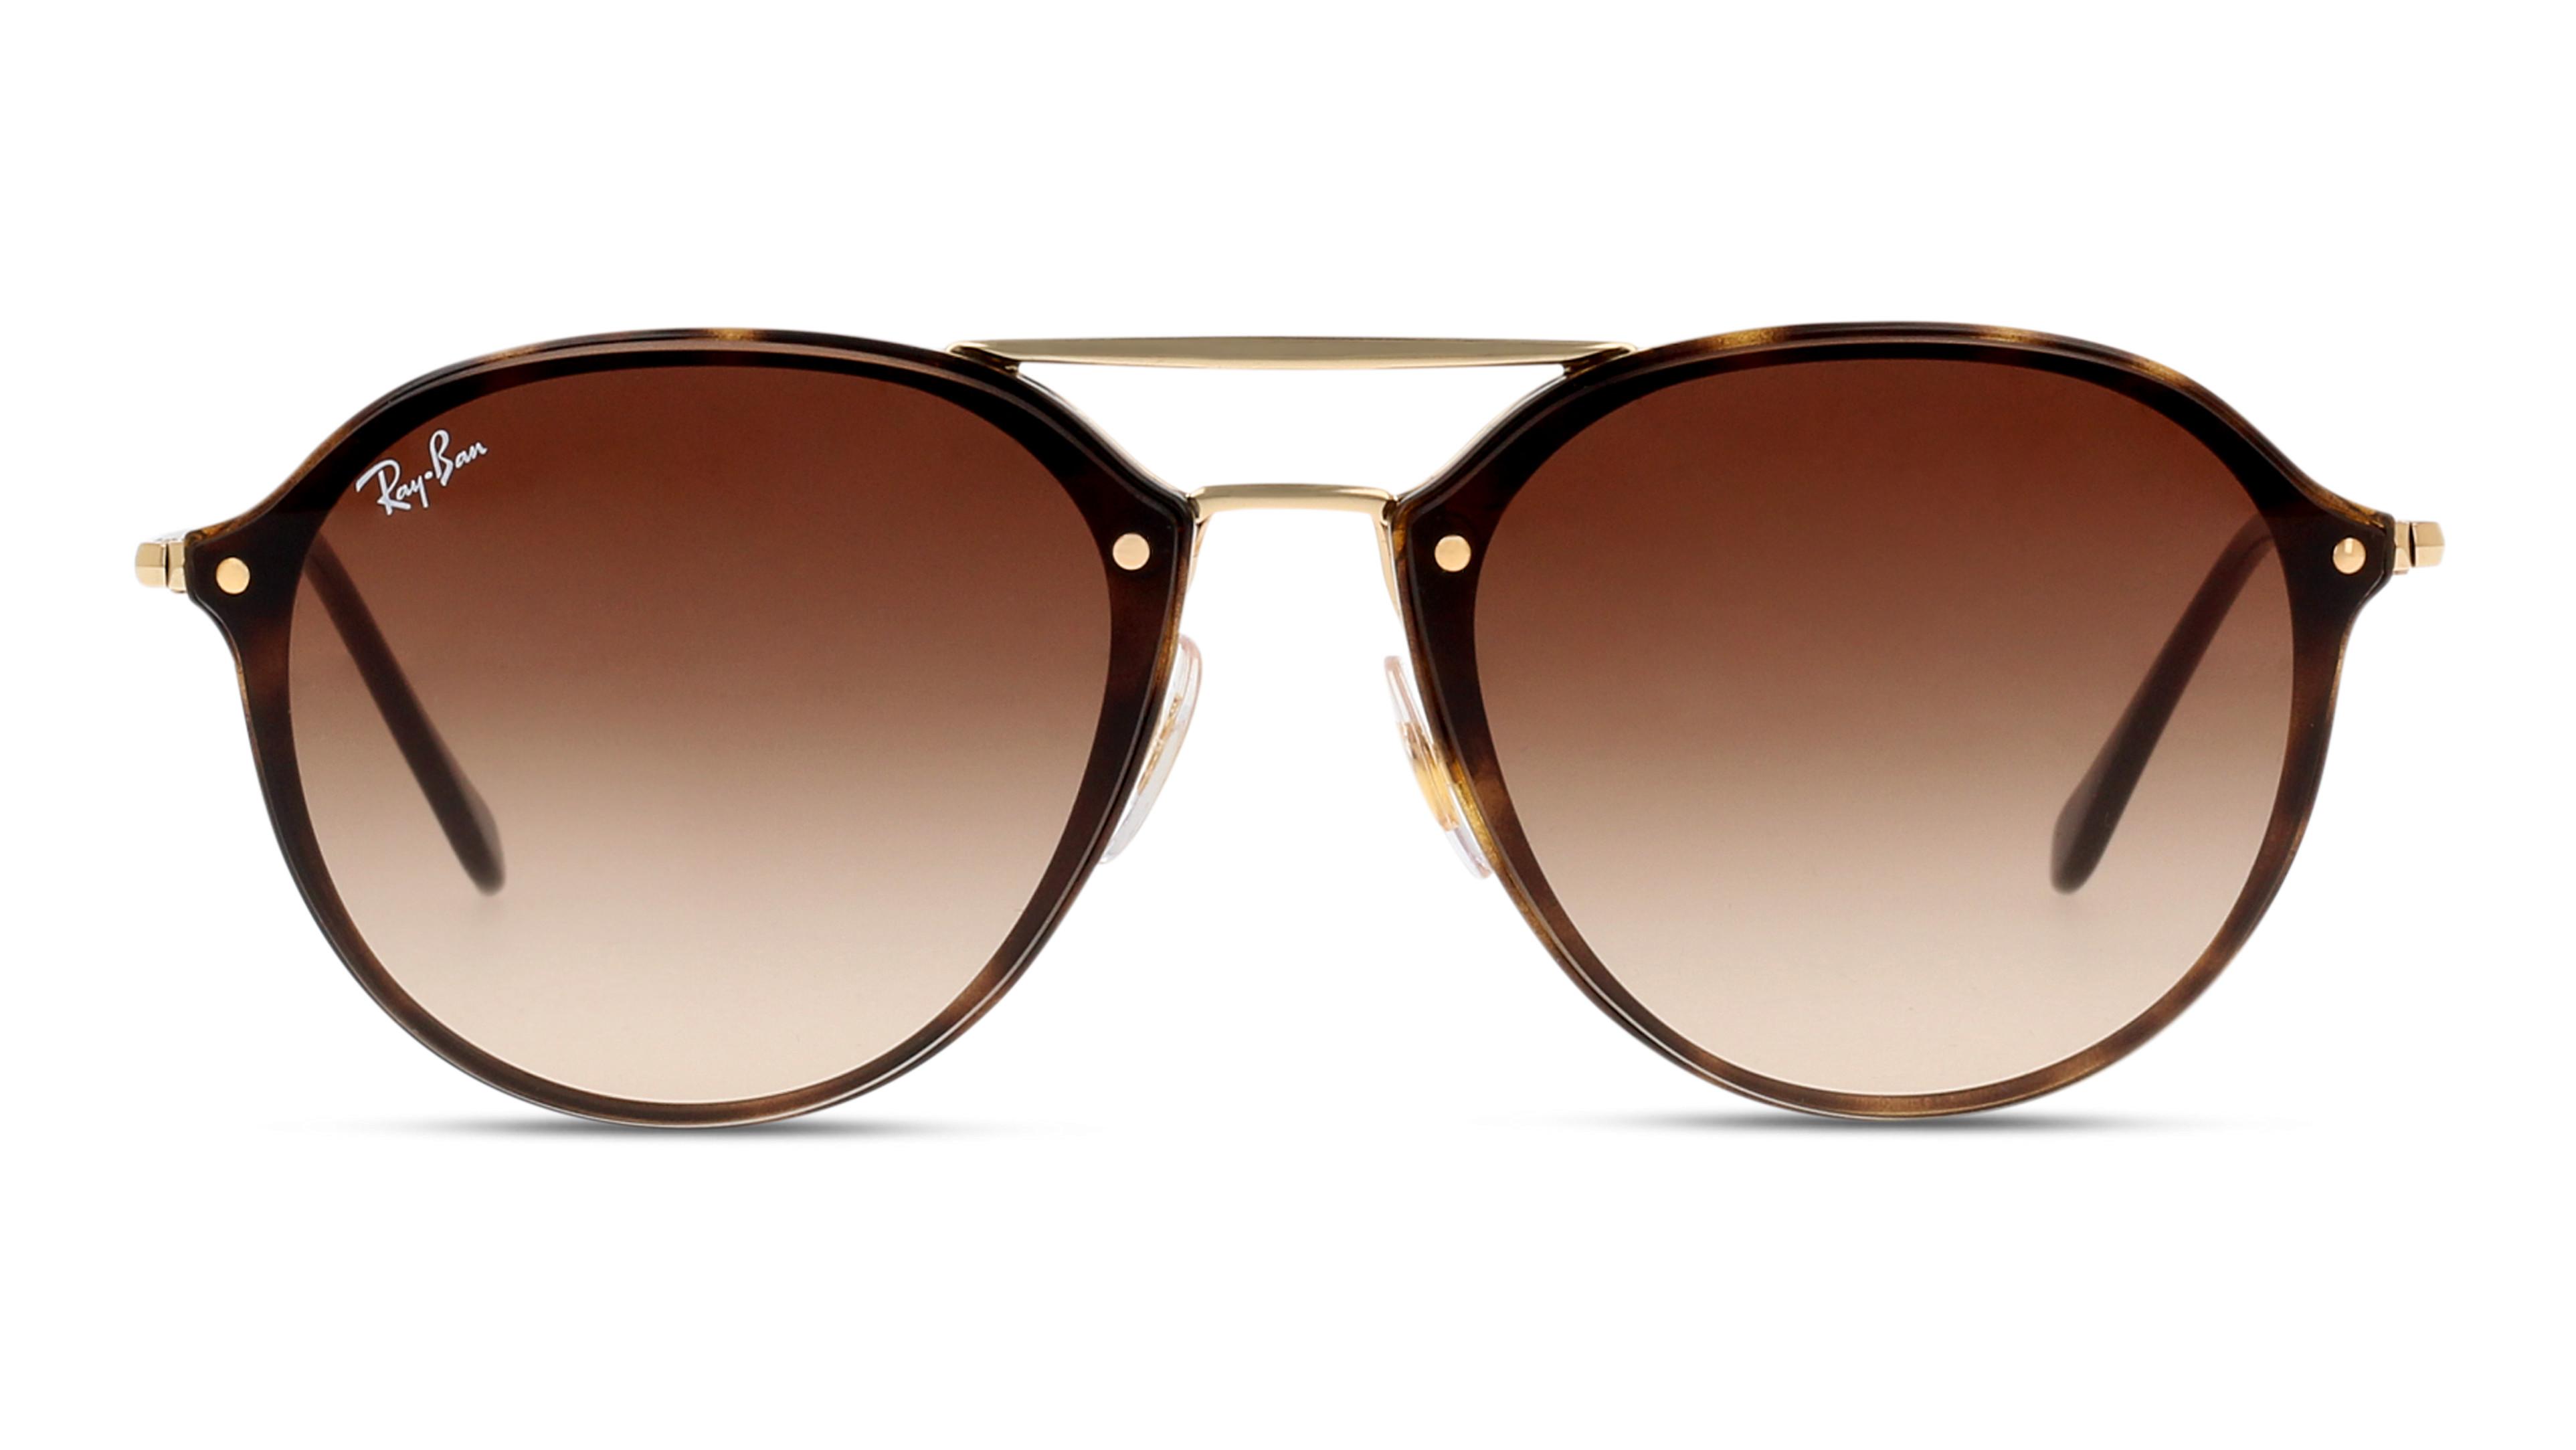 8053672837865-front-01-rayban-glasses-eyewear-pair